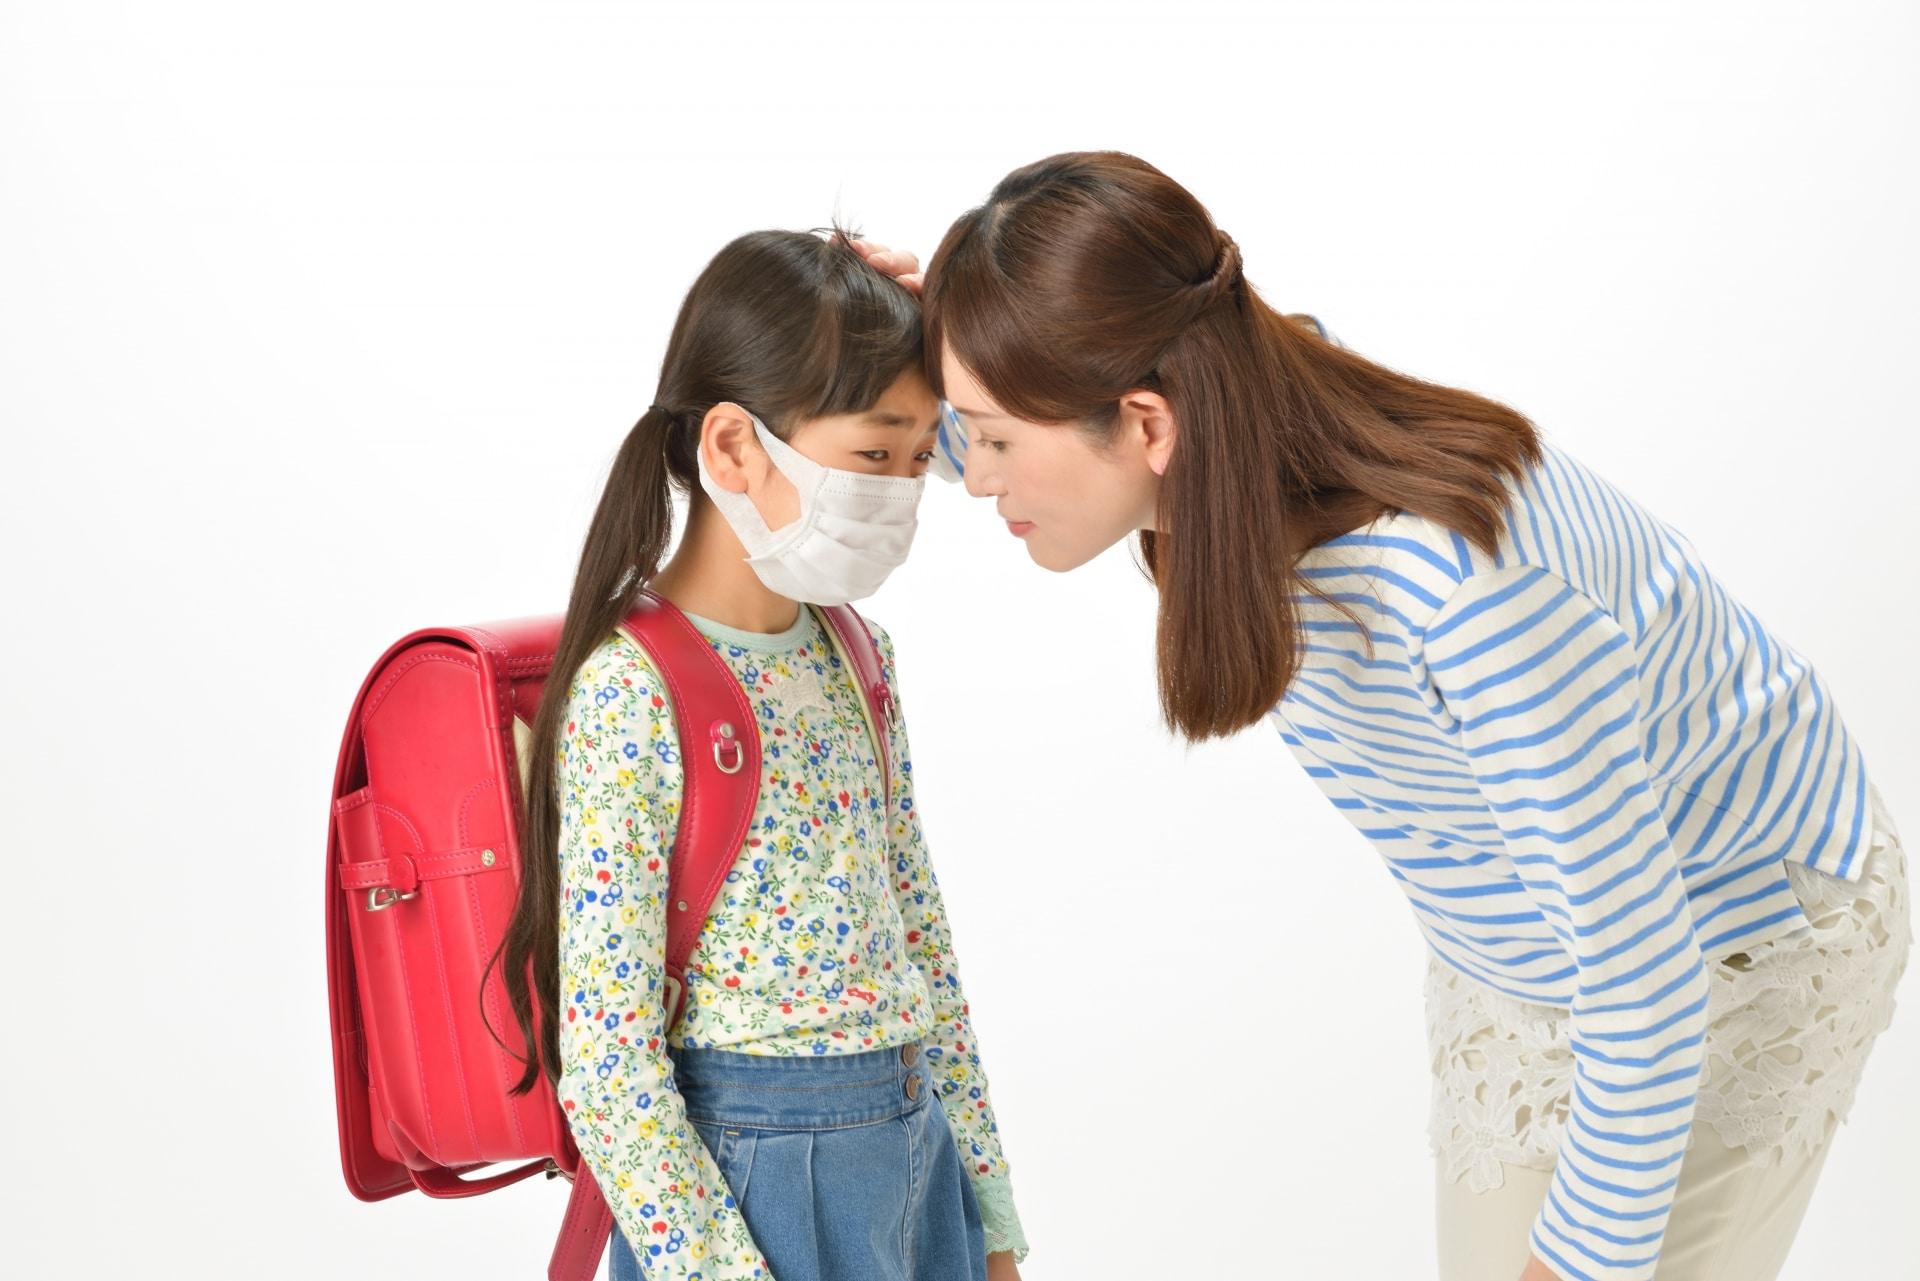 マスクをした子供、熱を測る女性